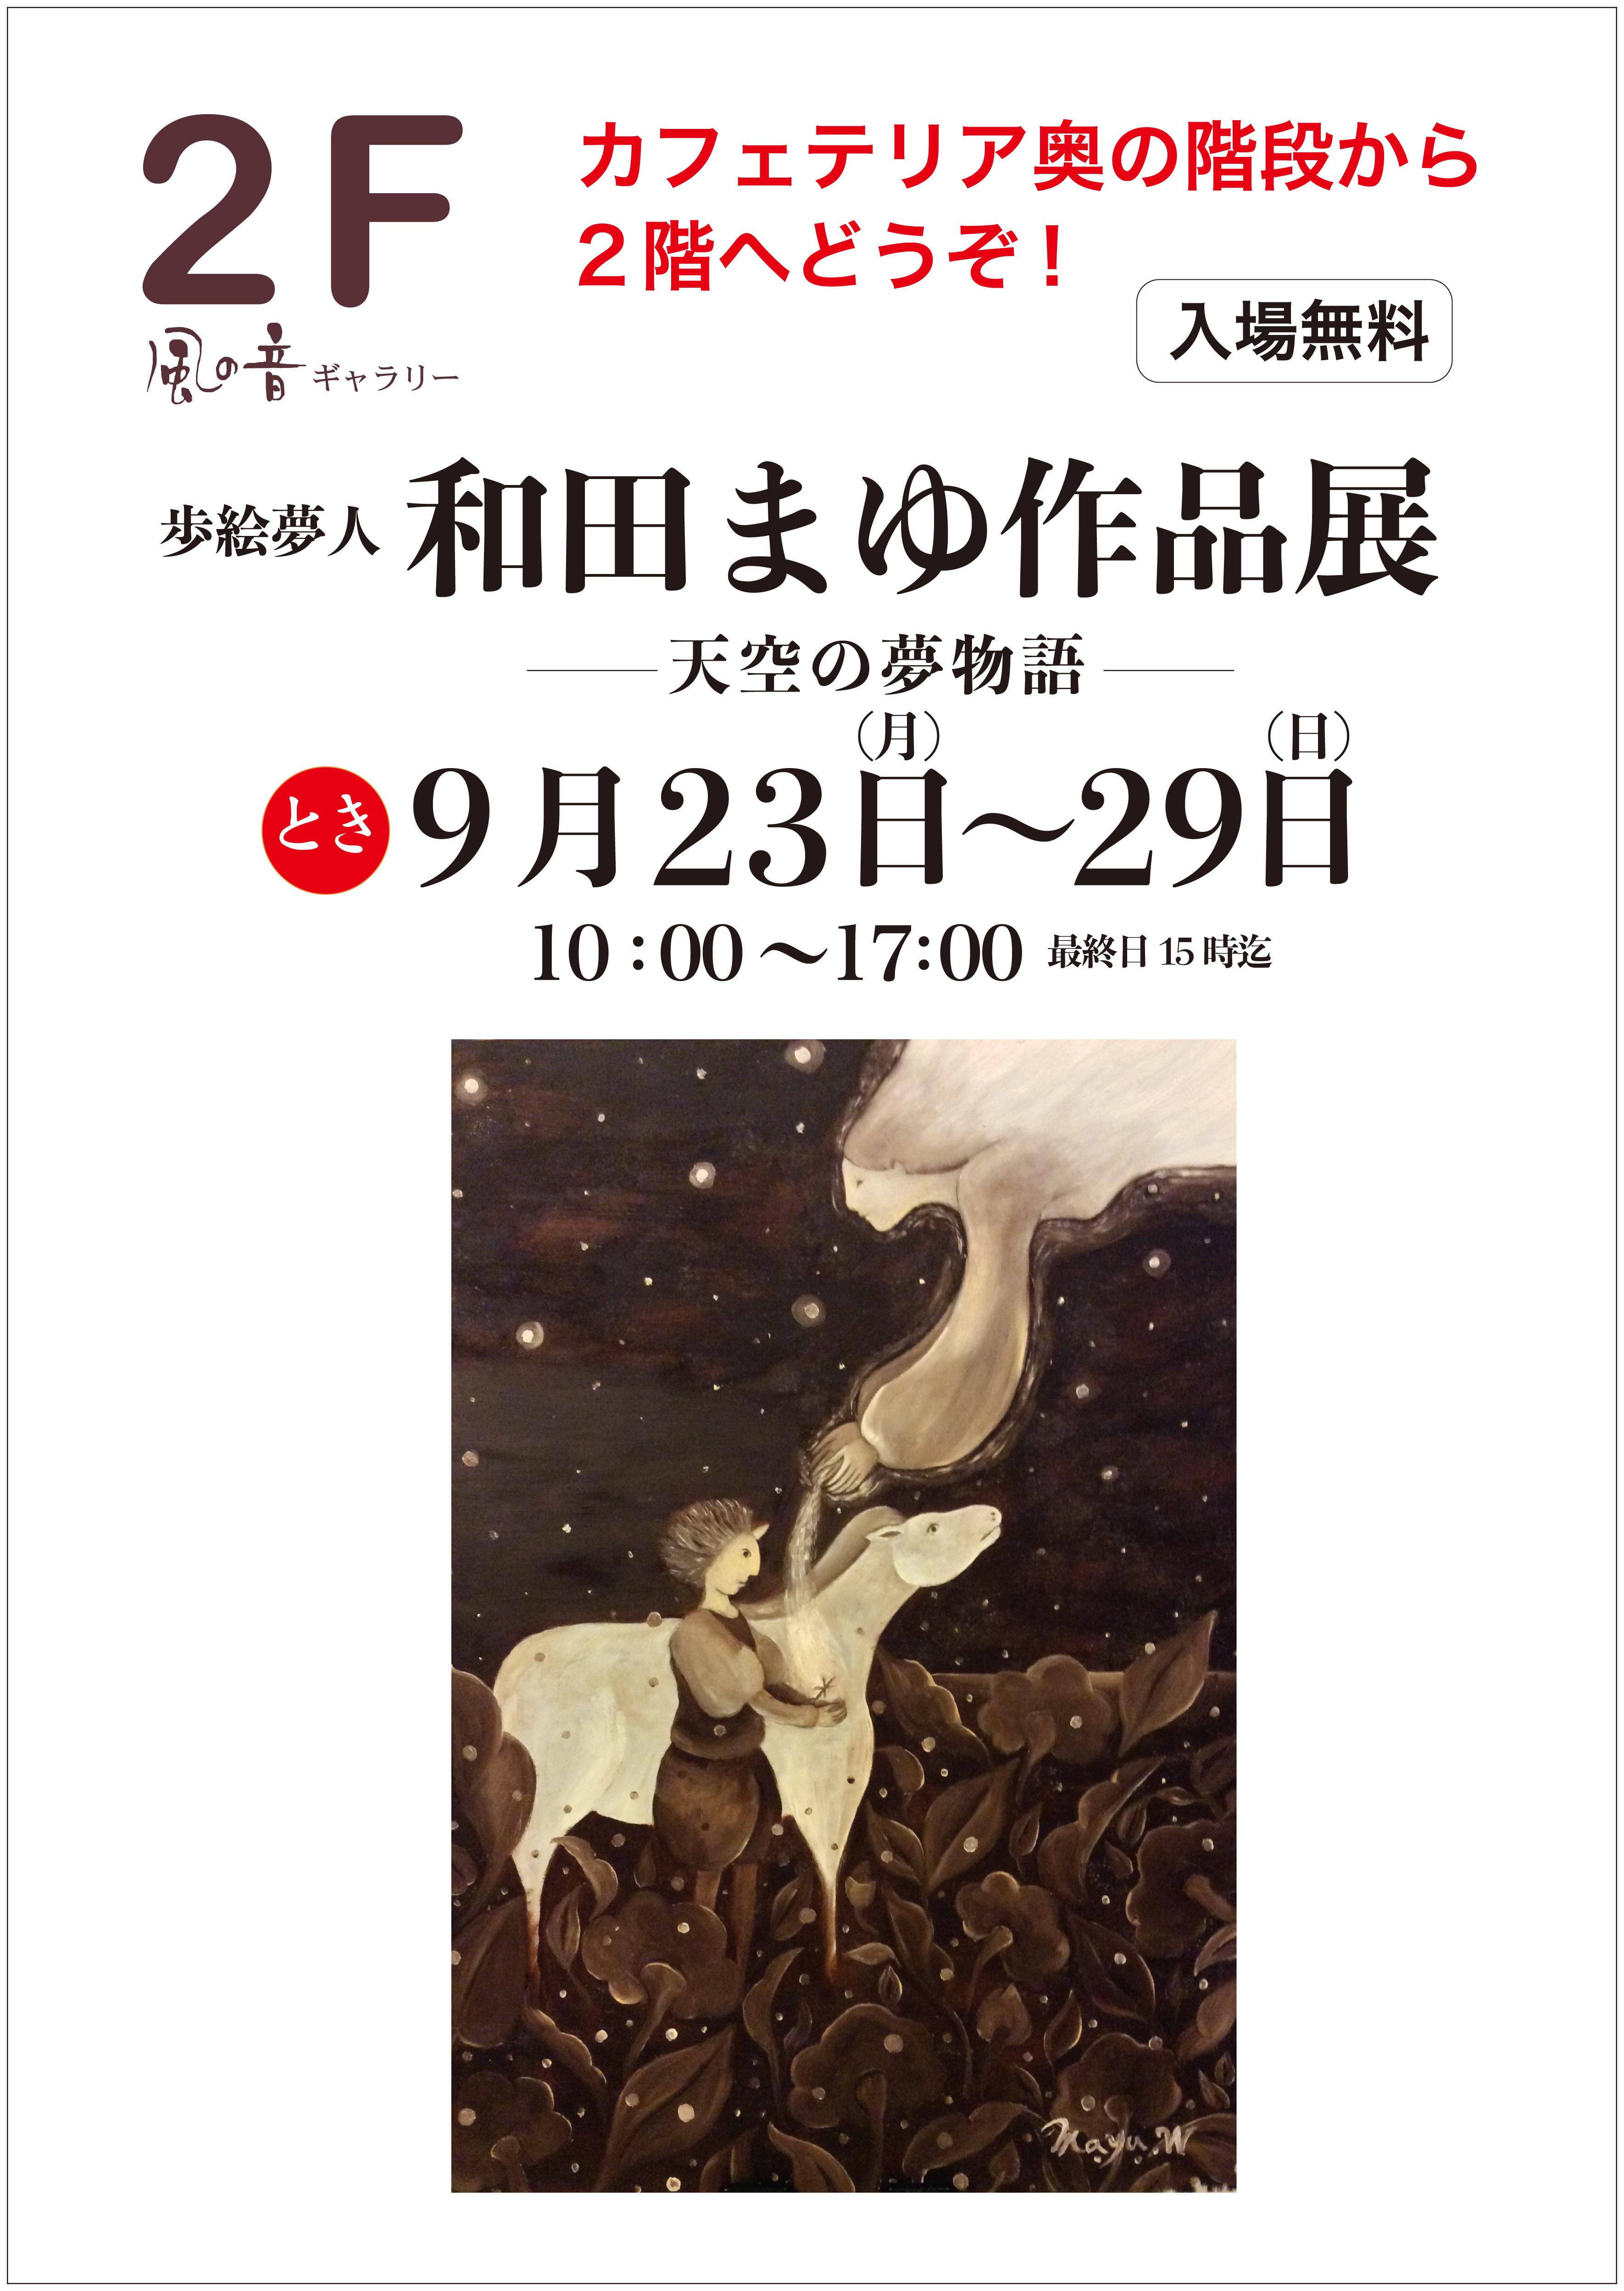 和田まゆ作品展